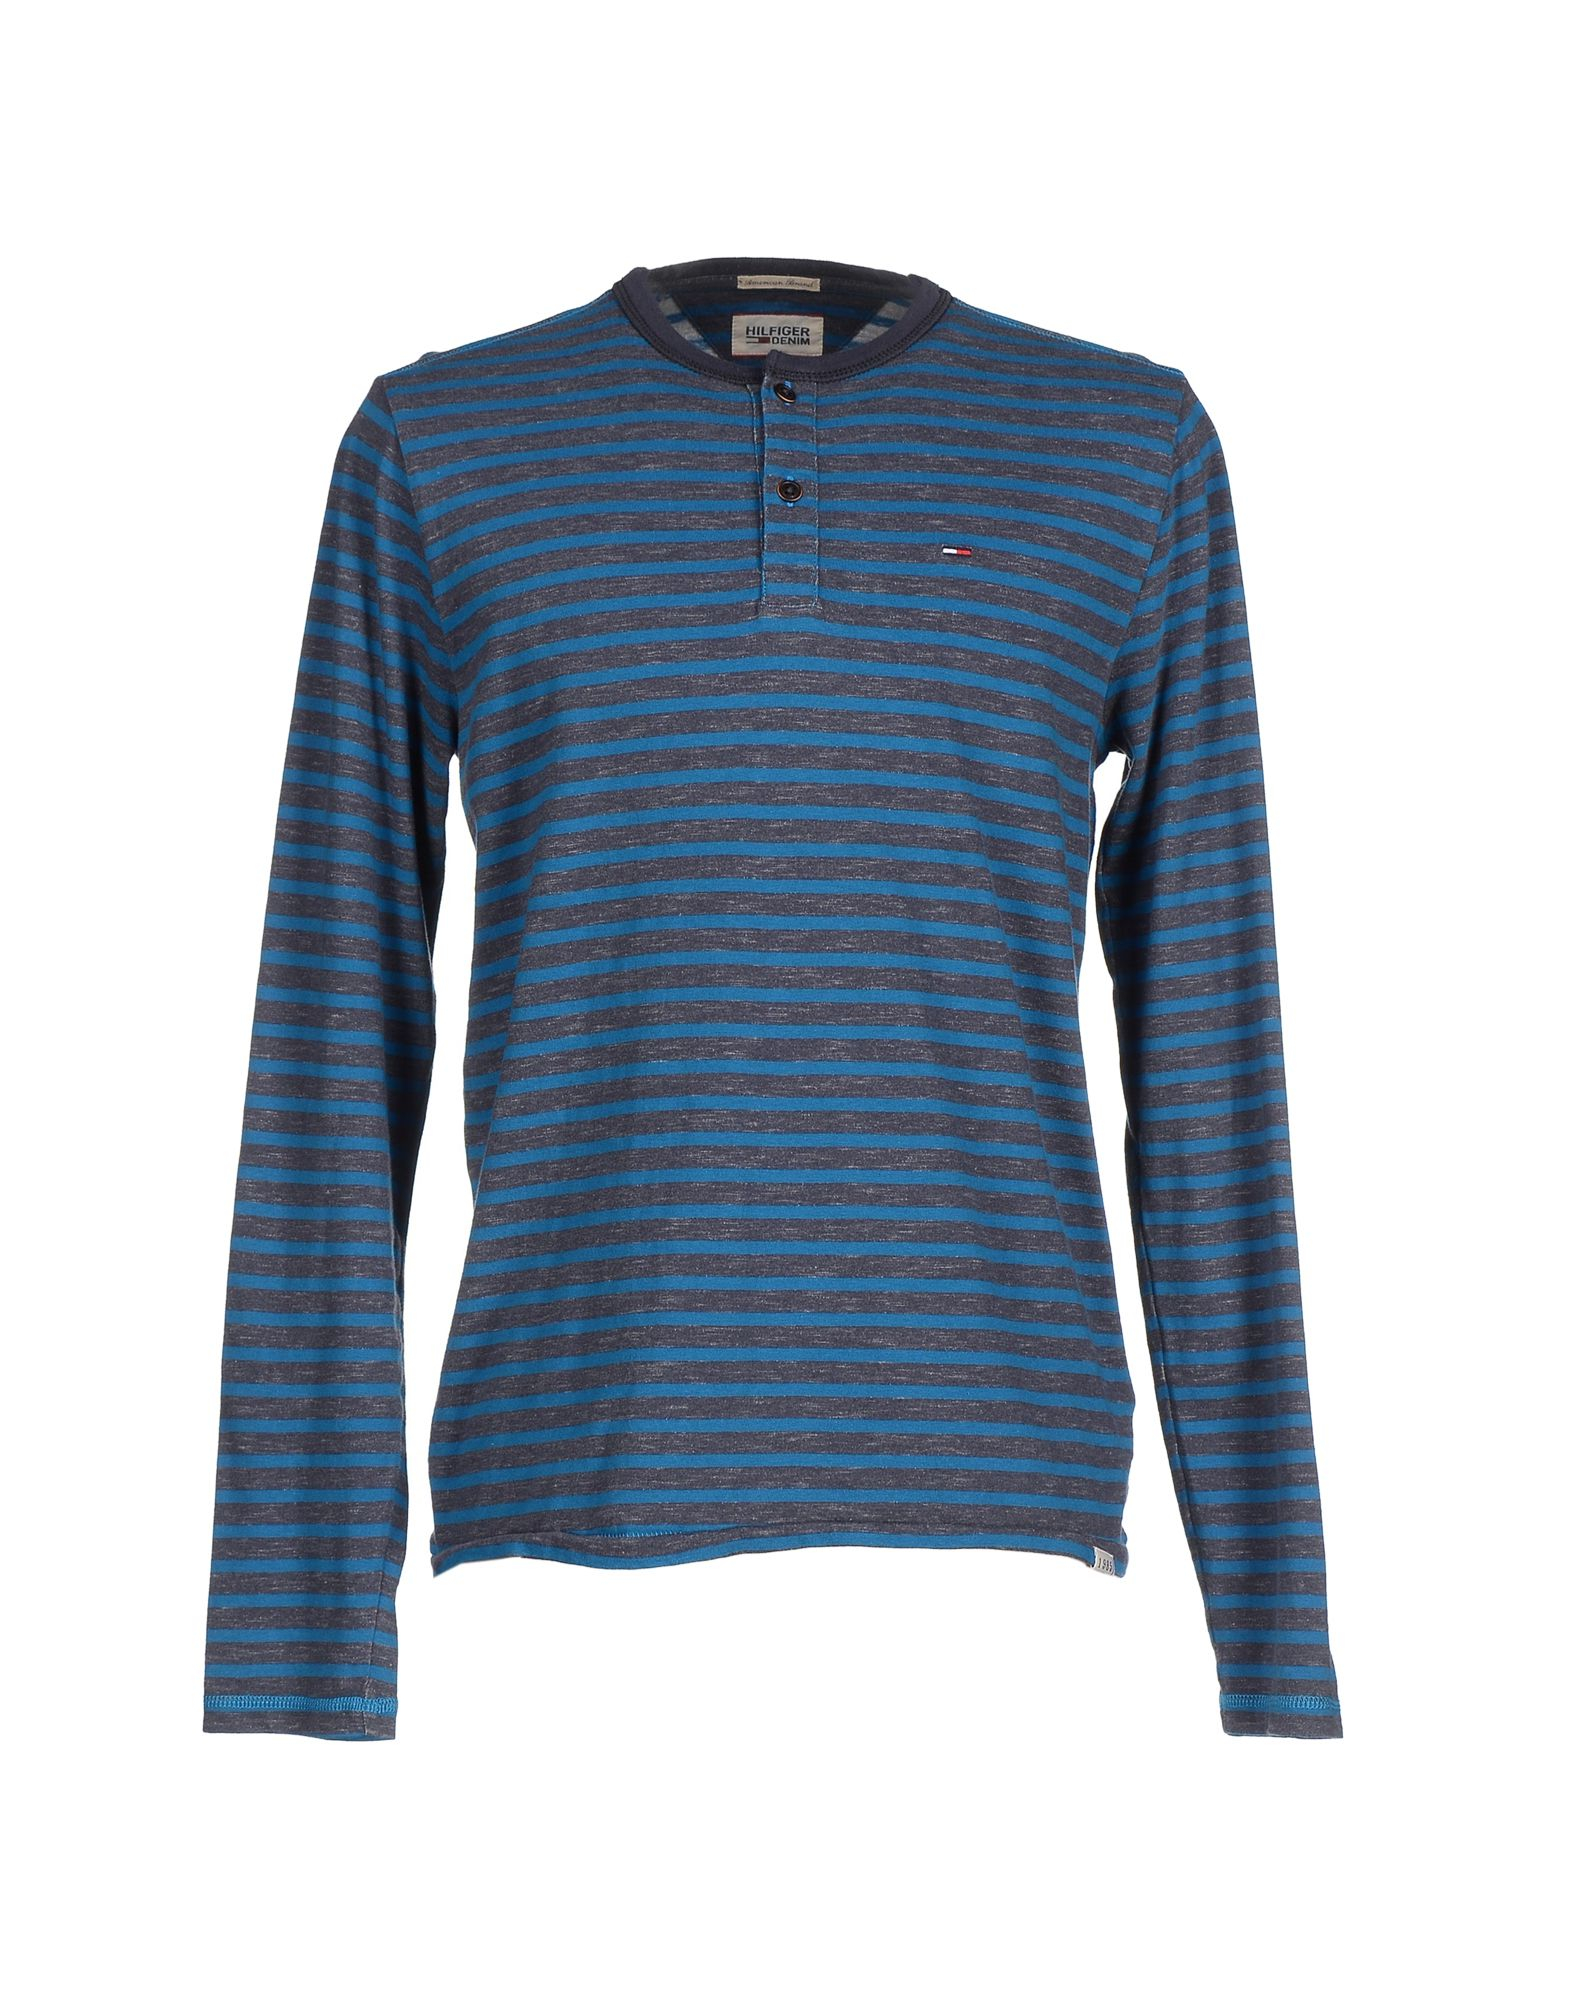 hilfiger denim t shirt in blue for men lyst. Black Bedroom Furniture Sets. Home Design Ideas